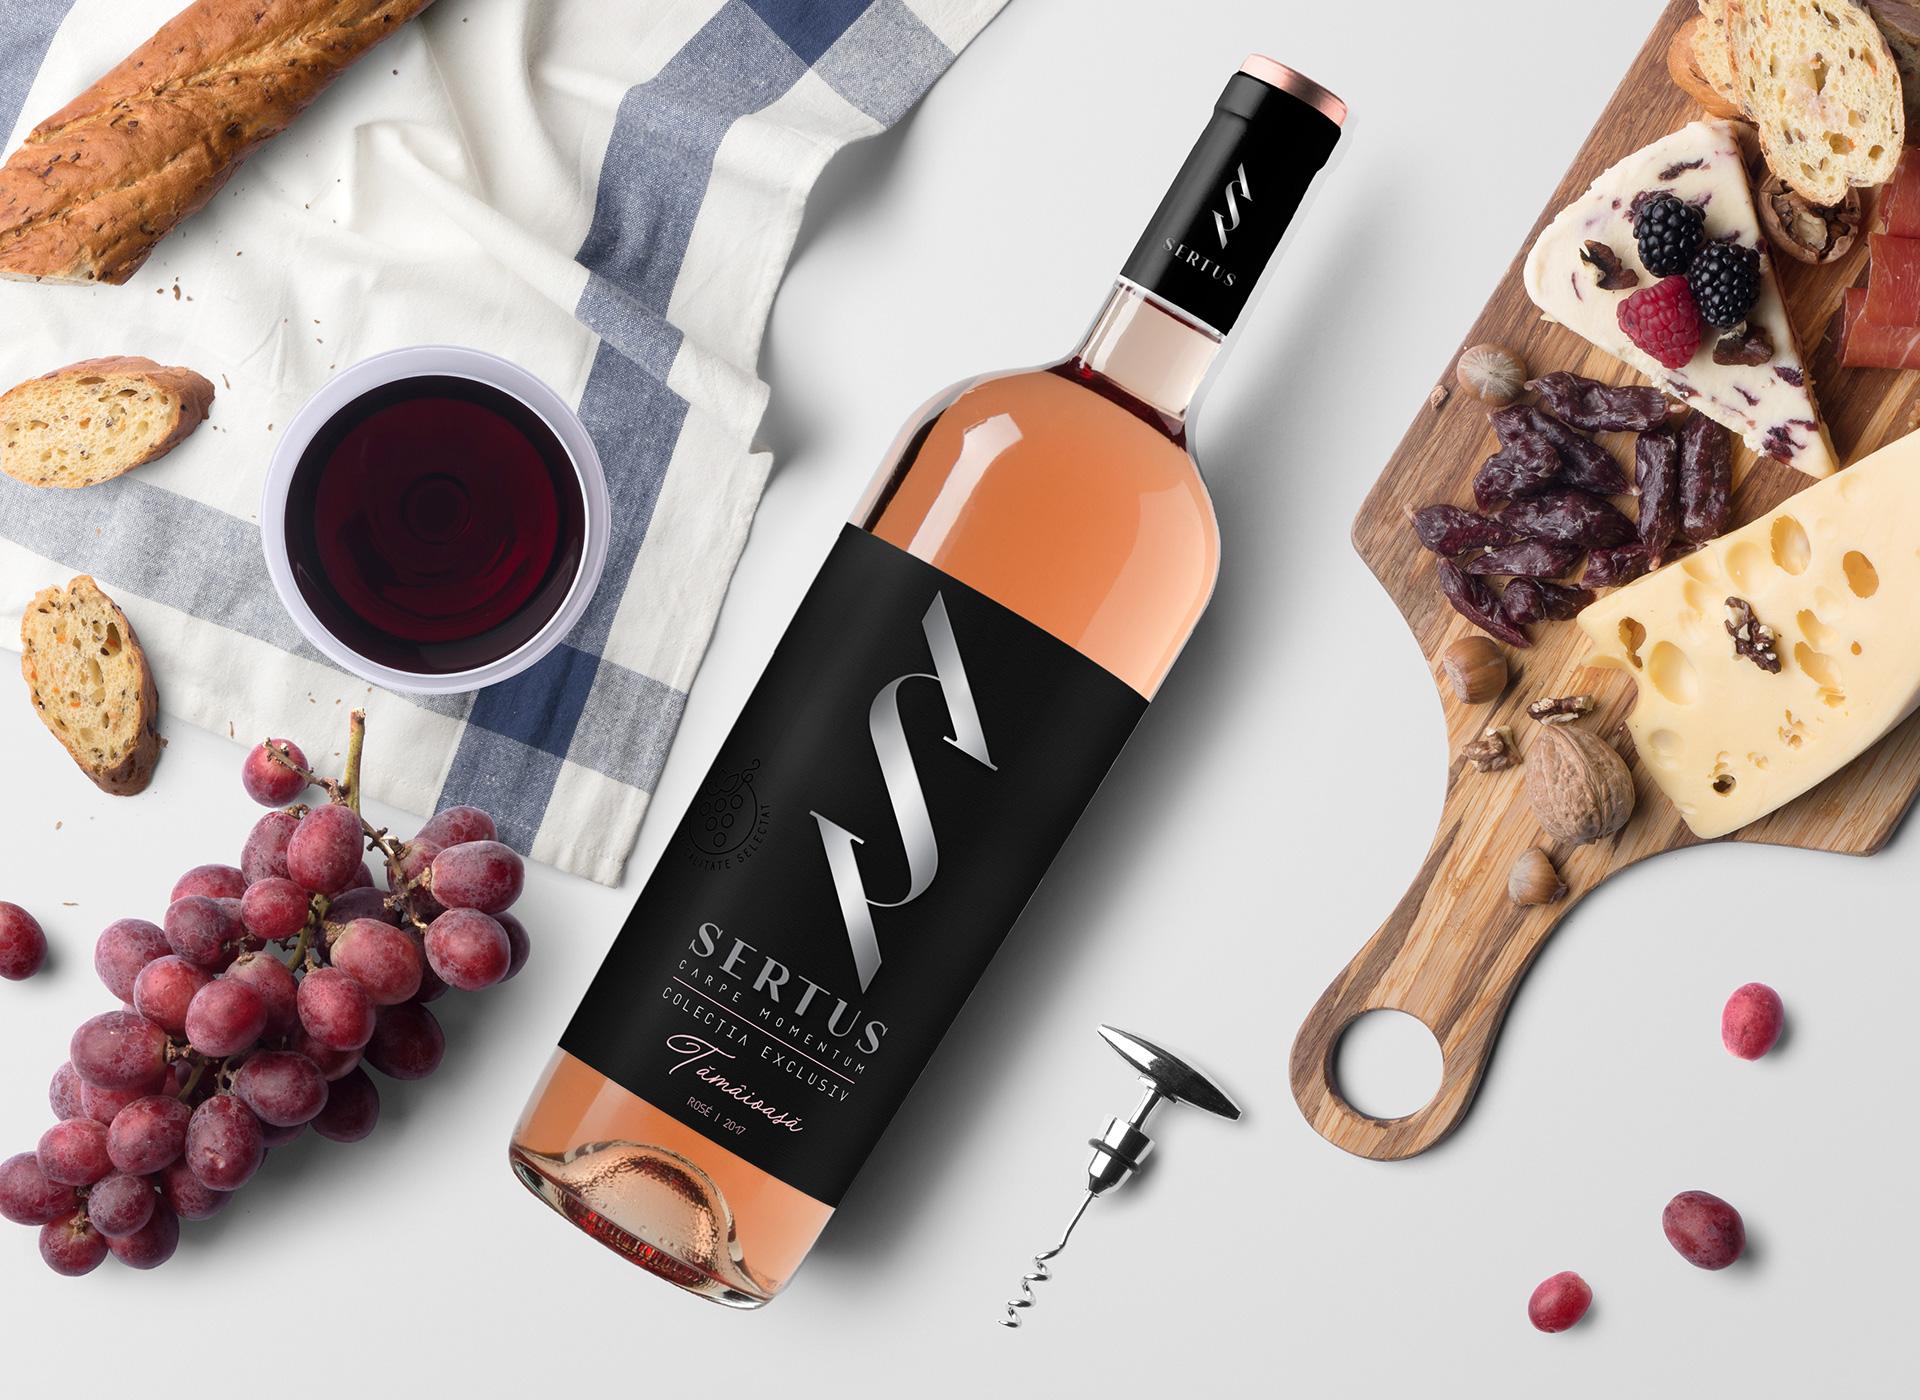 Sertus wine products branding inoveo